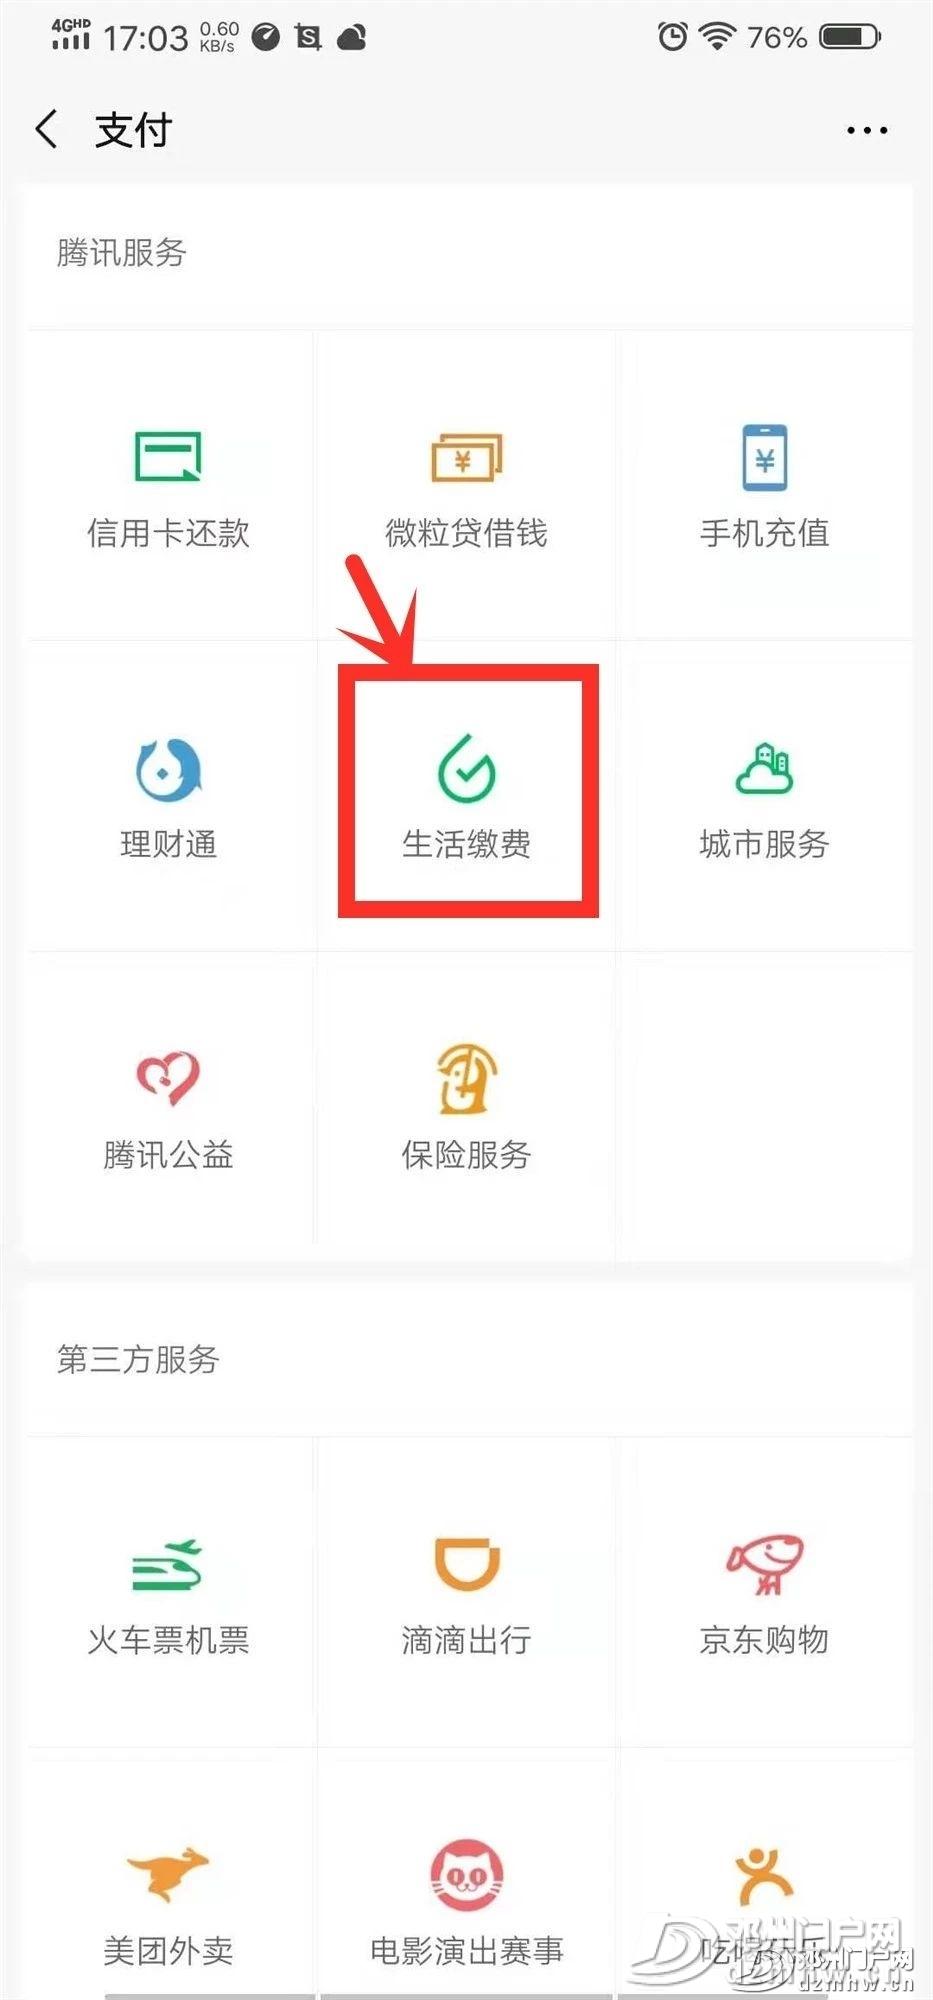 邓州市自来水公司开通微信生活缴费入口,以后更方便了 - 邓州门户网 邓州网 - 7b64e89415252b5e05fd78350d4f36a4.jpg